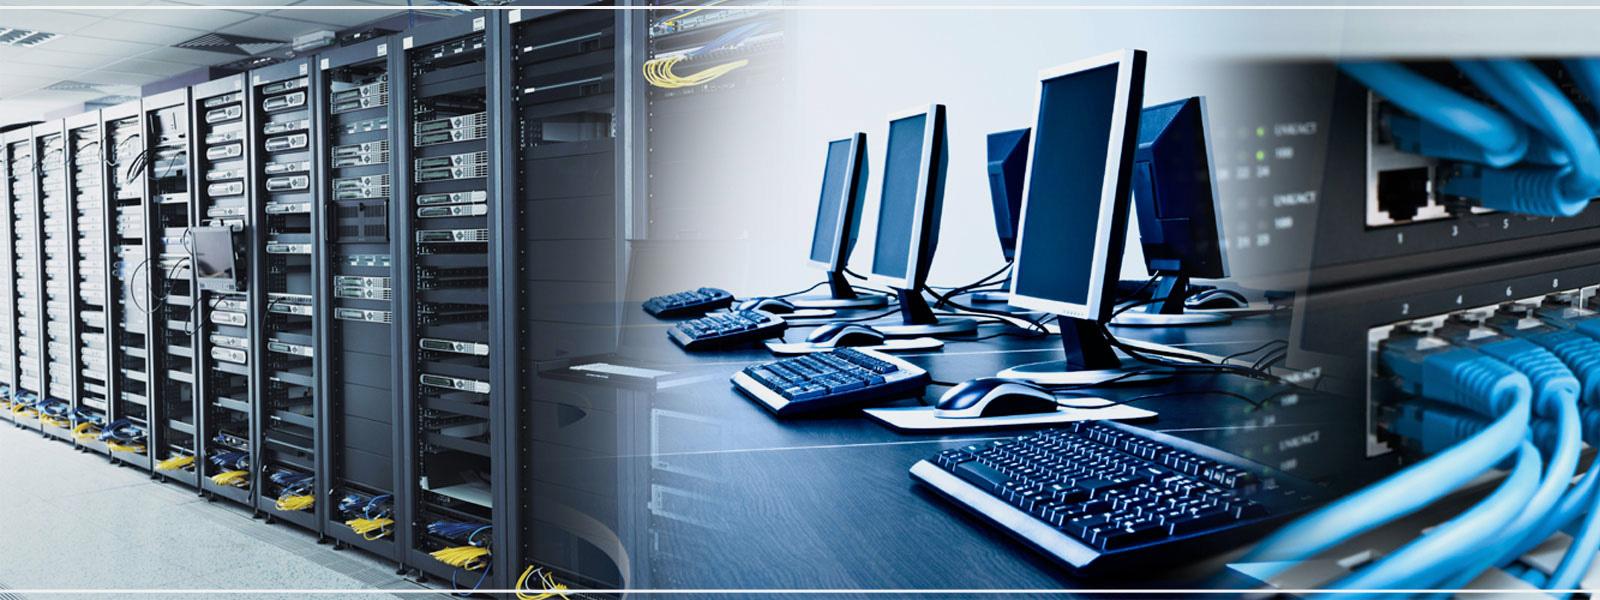 Von Serverraum-AC-Einheiten bis zu<p></p>WLAN-Geräten in Ihren Projekten